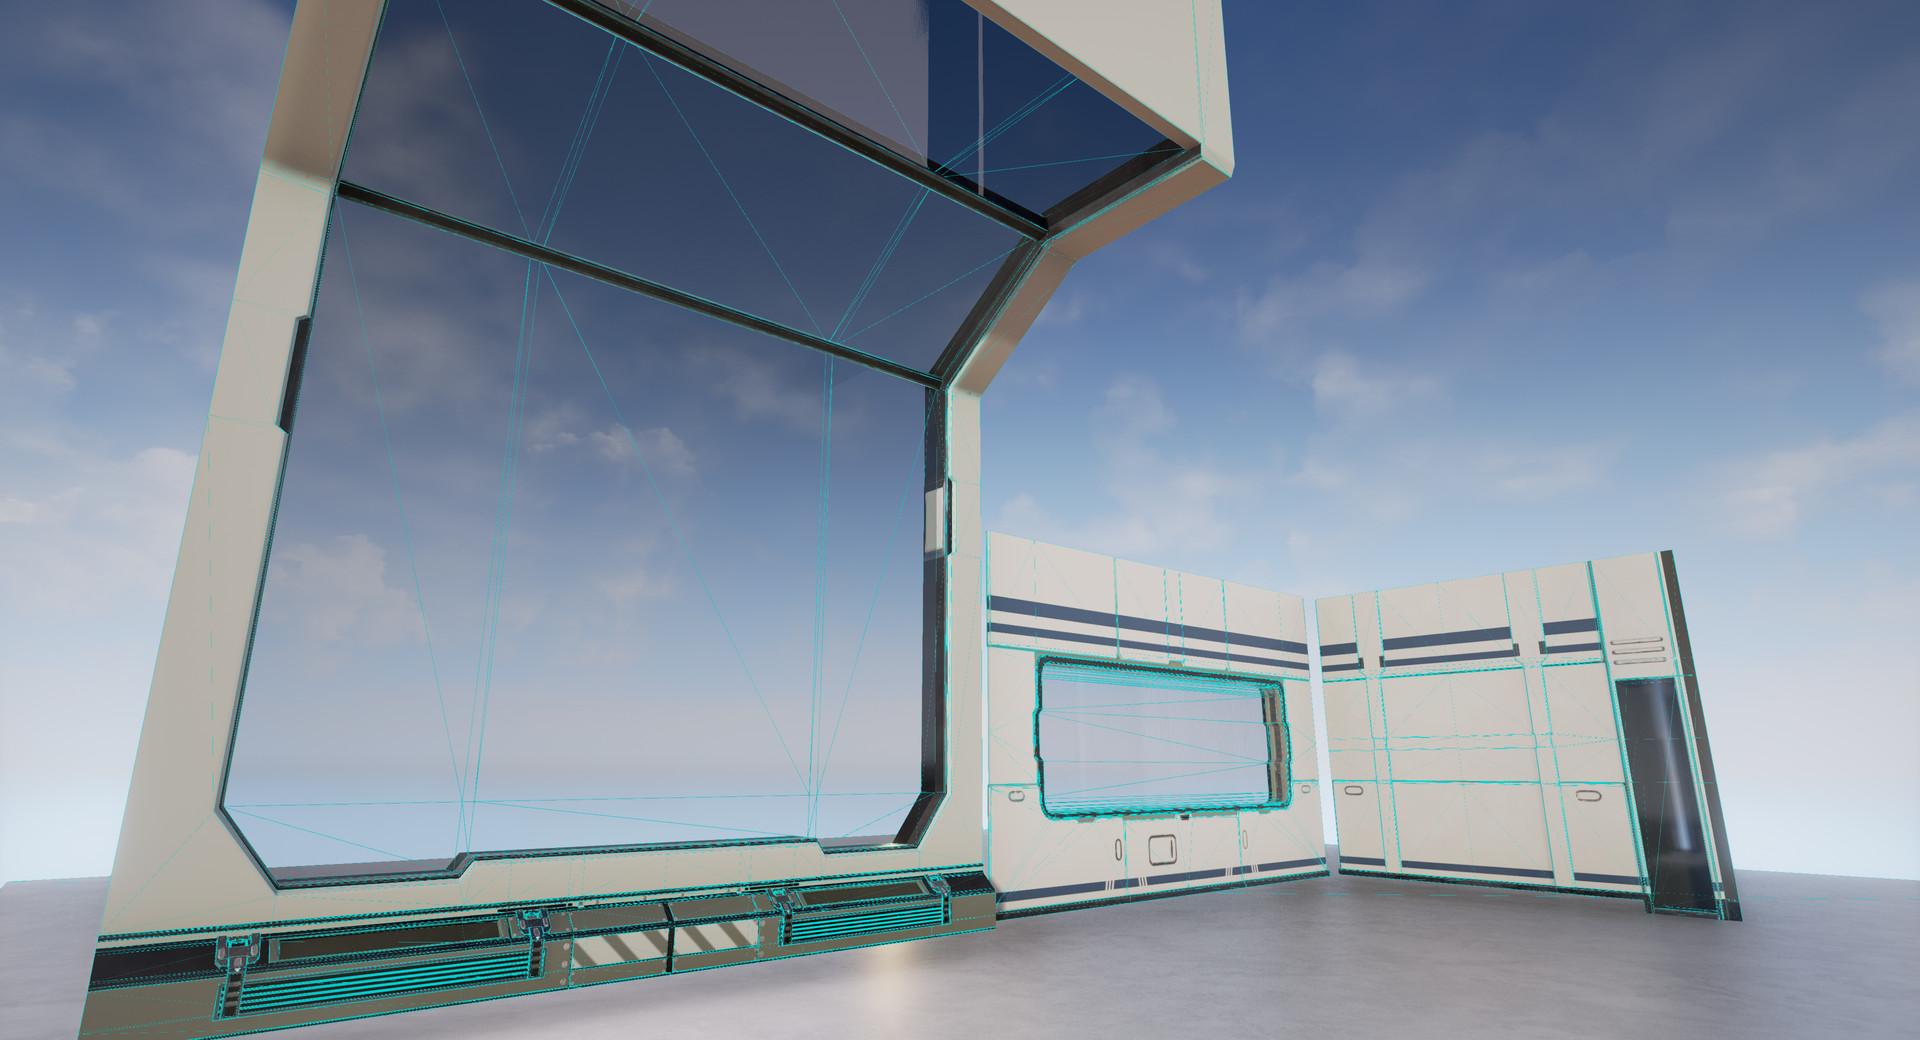 ArtStation - Sci-Fi-Modules, Lukas Kays